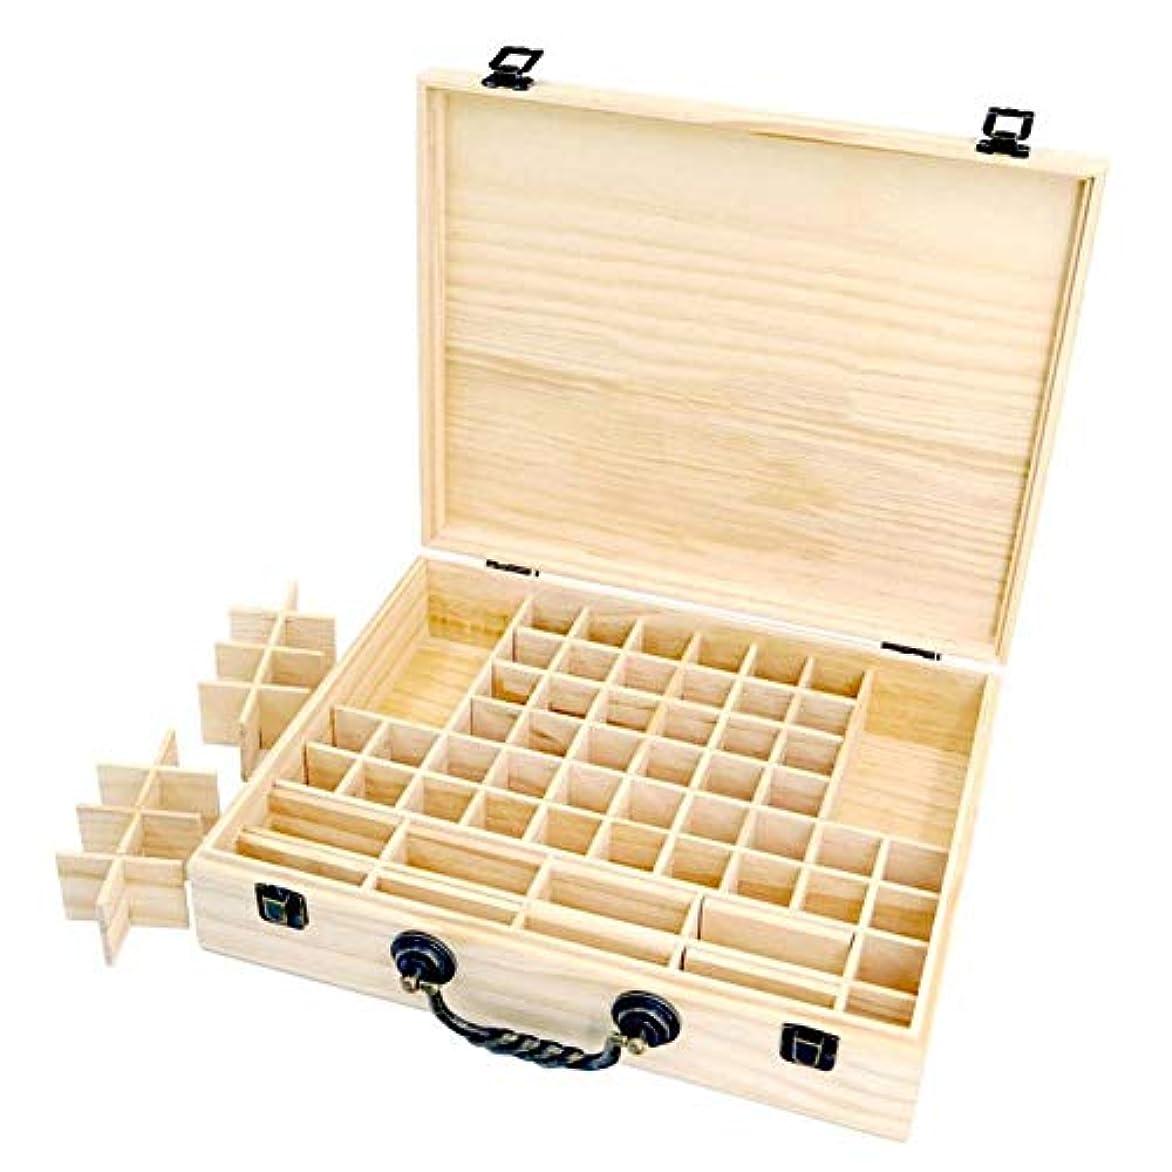 良心的ピークいくつかのエッセンシャルオイル収納ボックス 収納ケース 保存ボックス パイン製 取り外し可能なメッシュ 70グリッド 持ち運び便利 junexi